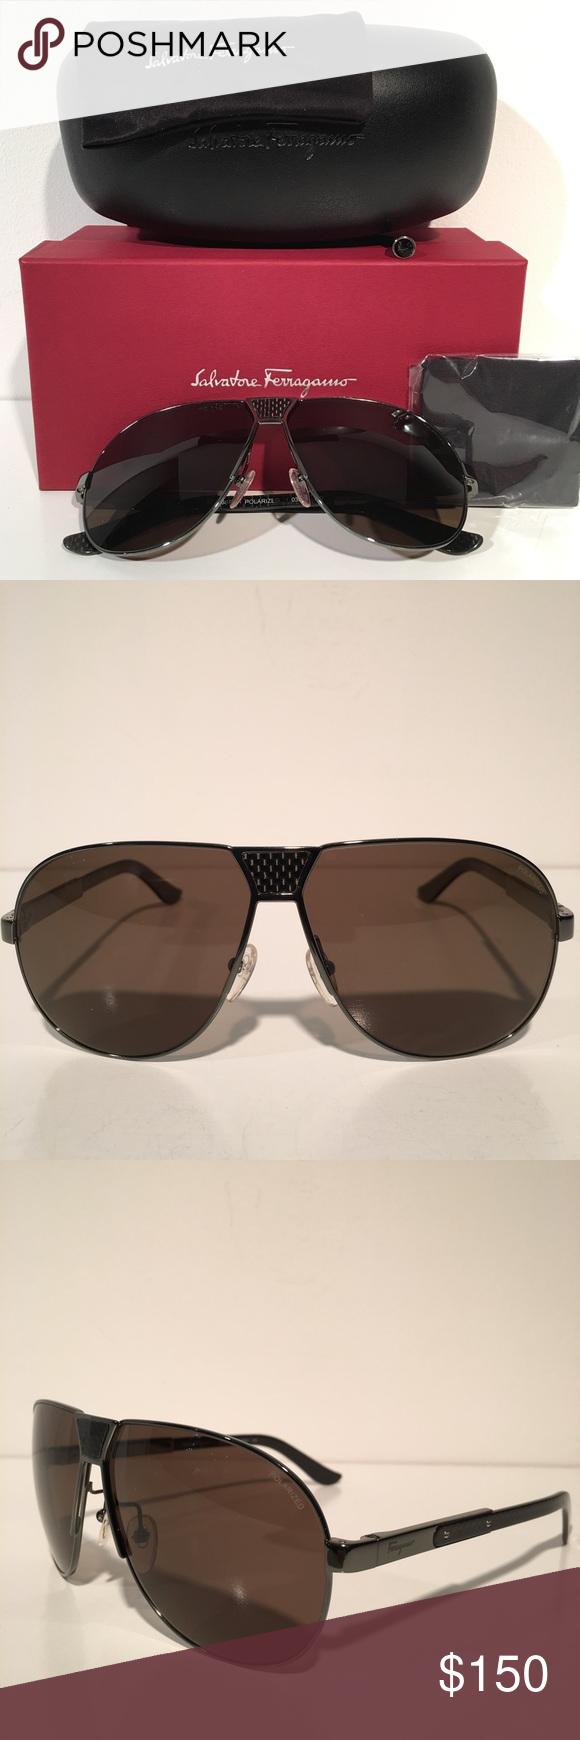 ❌SOLD❌Salvatore Ferragamo Grey Aviator Sunglasses Brand New In ... d94824fbcc